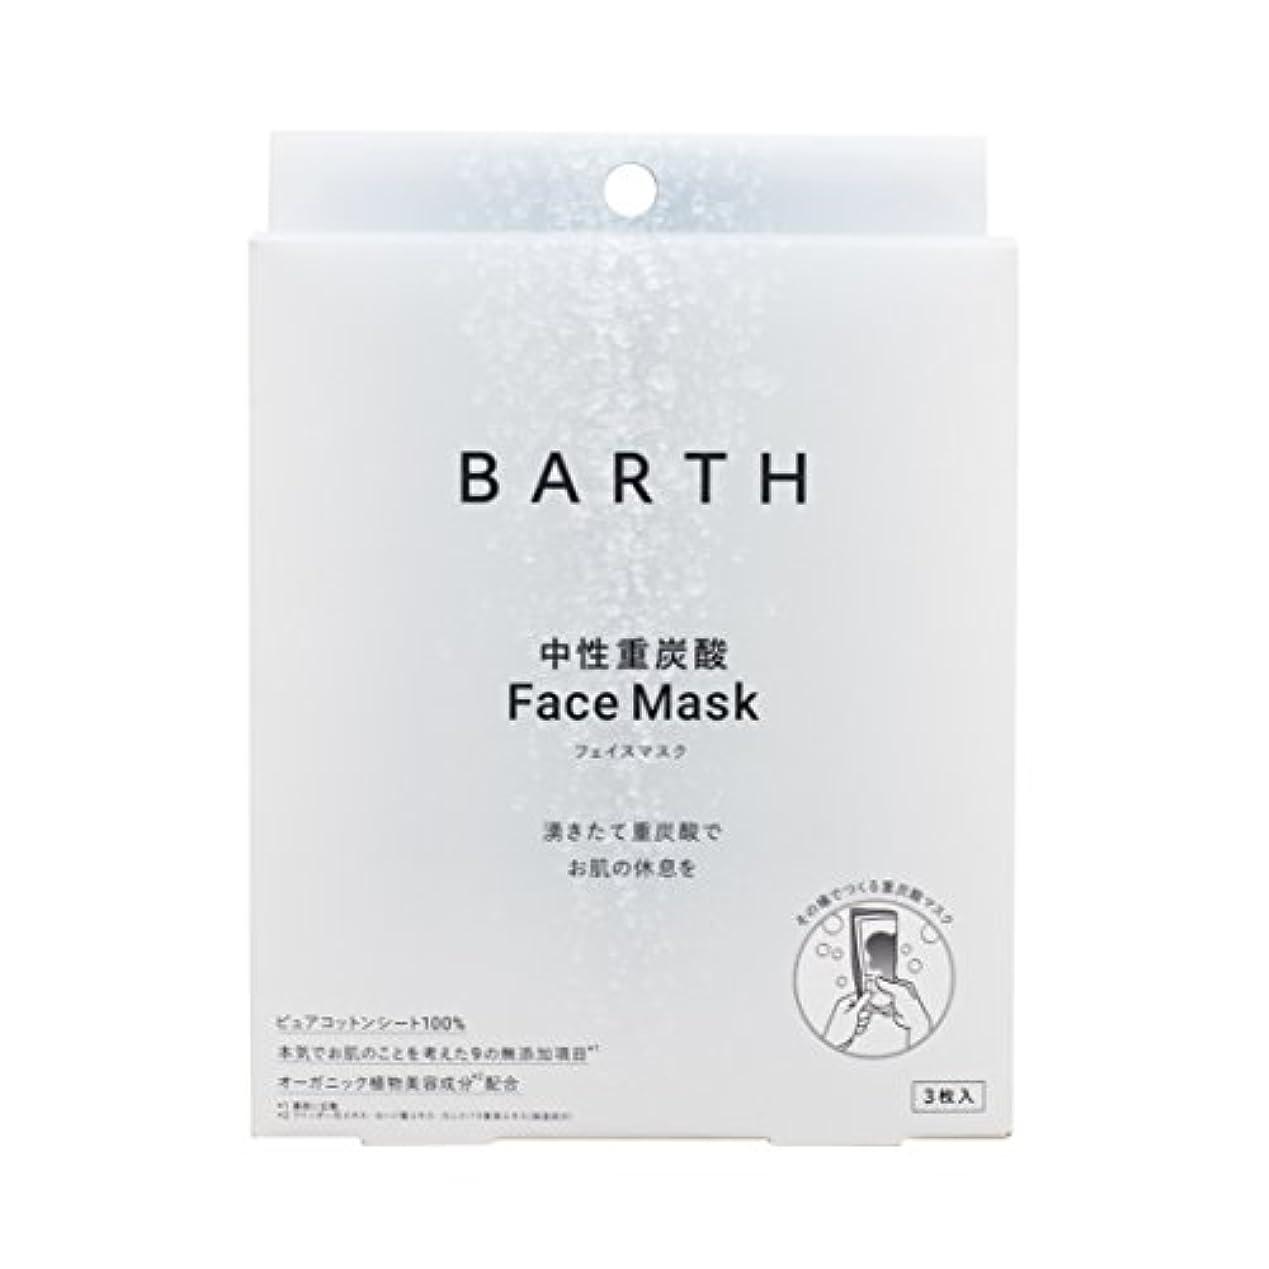 会員捕虜つぶすBARTH【バース】 中性 重炭酸 フェイスマスク (無添加 日本製 ピュアコットン 100% オーガニック植物美容成分3種入り) (3包入り)